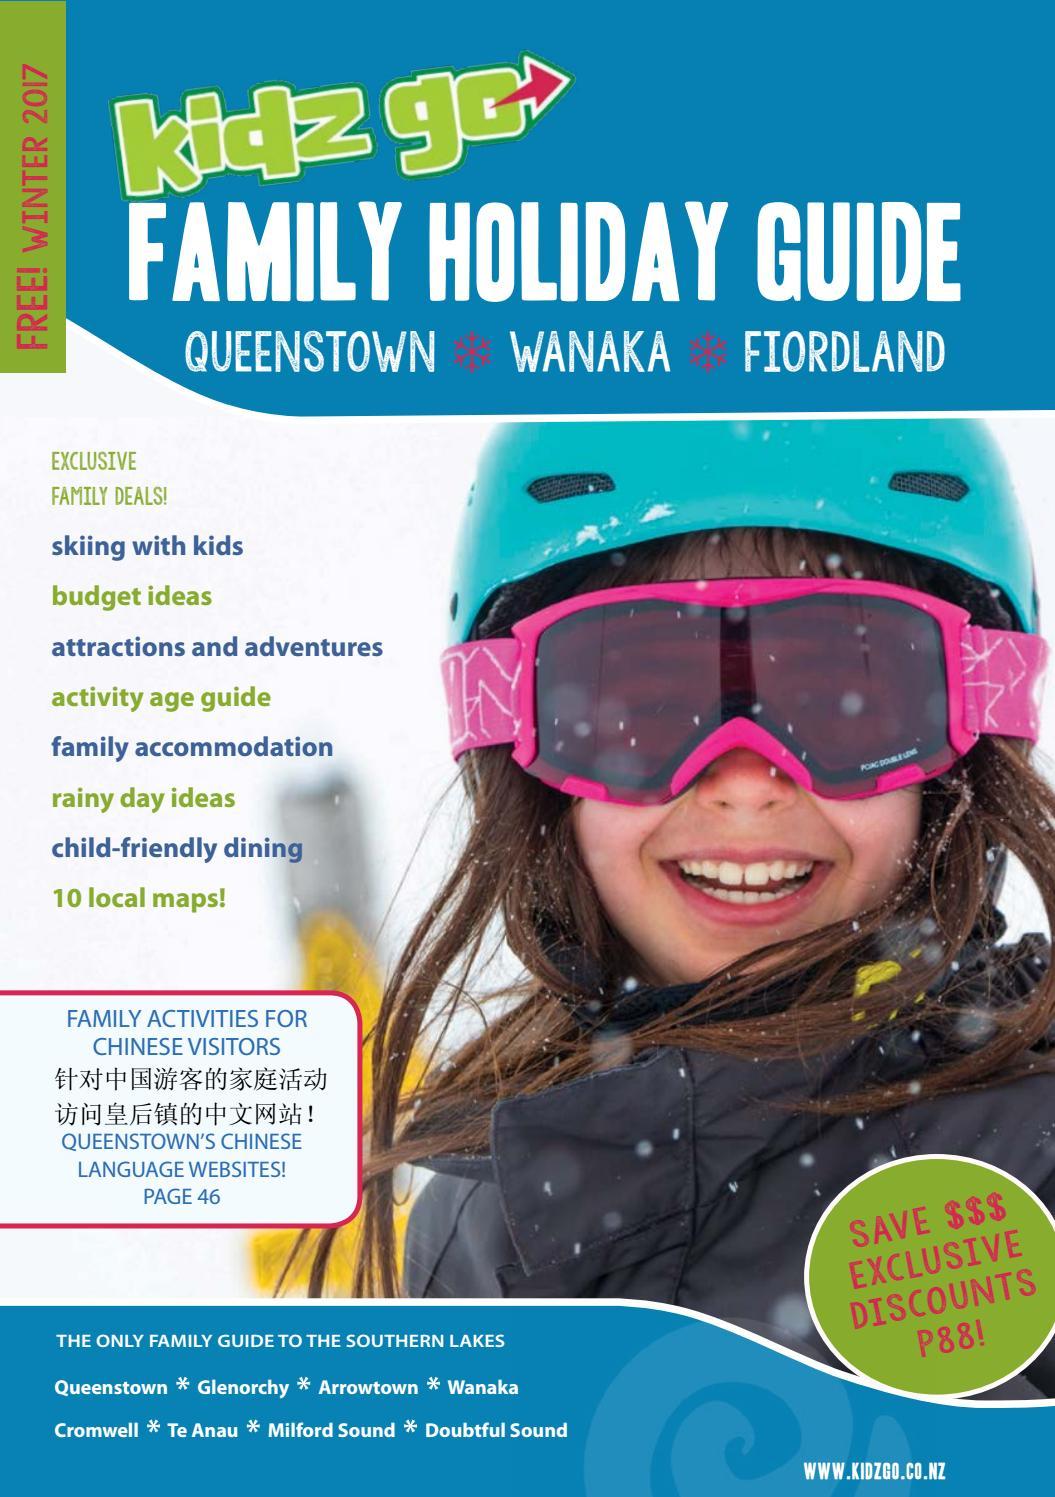 a0fe761959b Kidz Go Family Guide winter 17 by Kidz Go Ltd - issuu